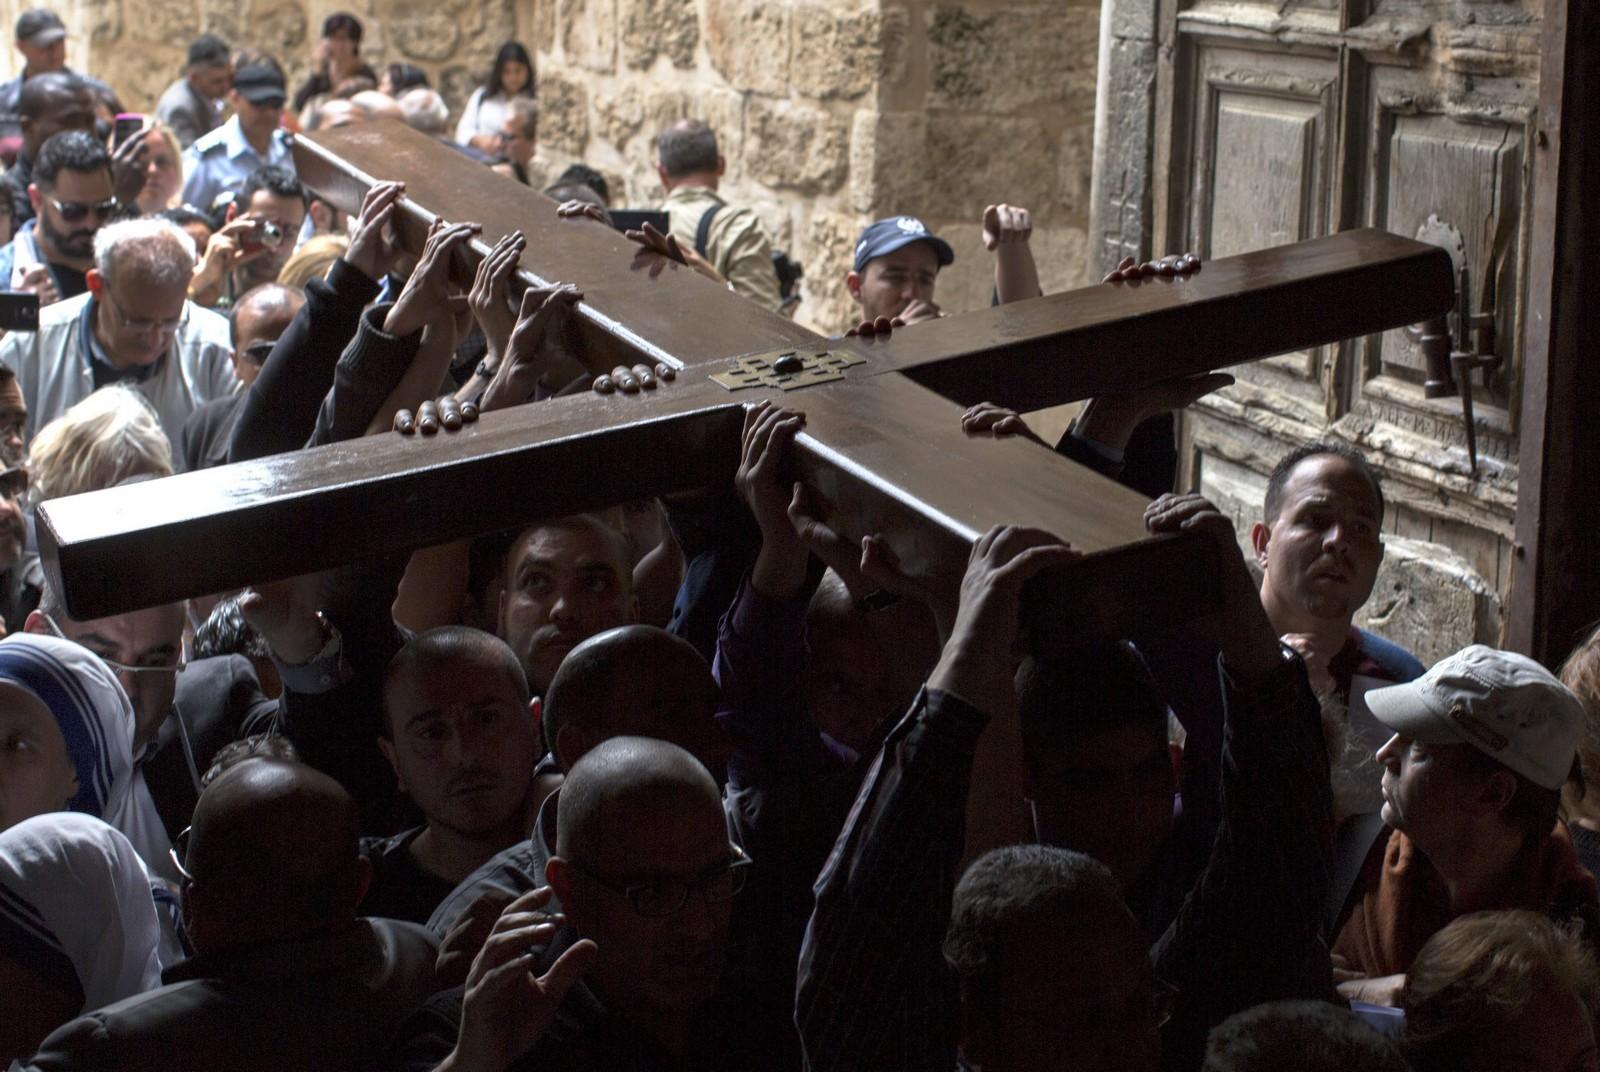 Las Razones por las que el Cristianismo es la Religión más Perseguida